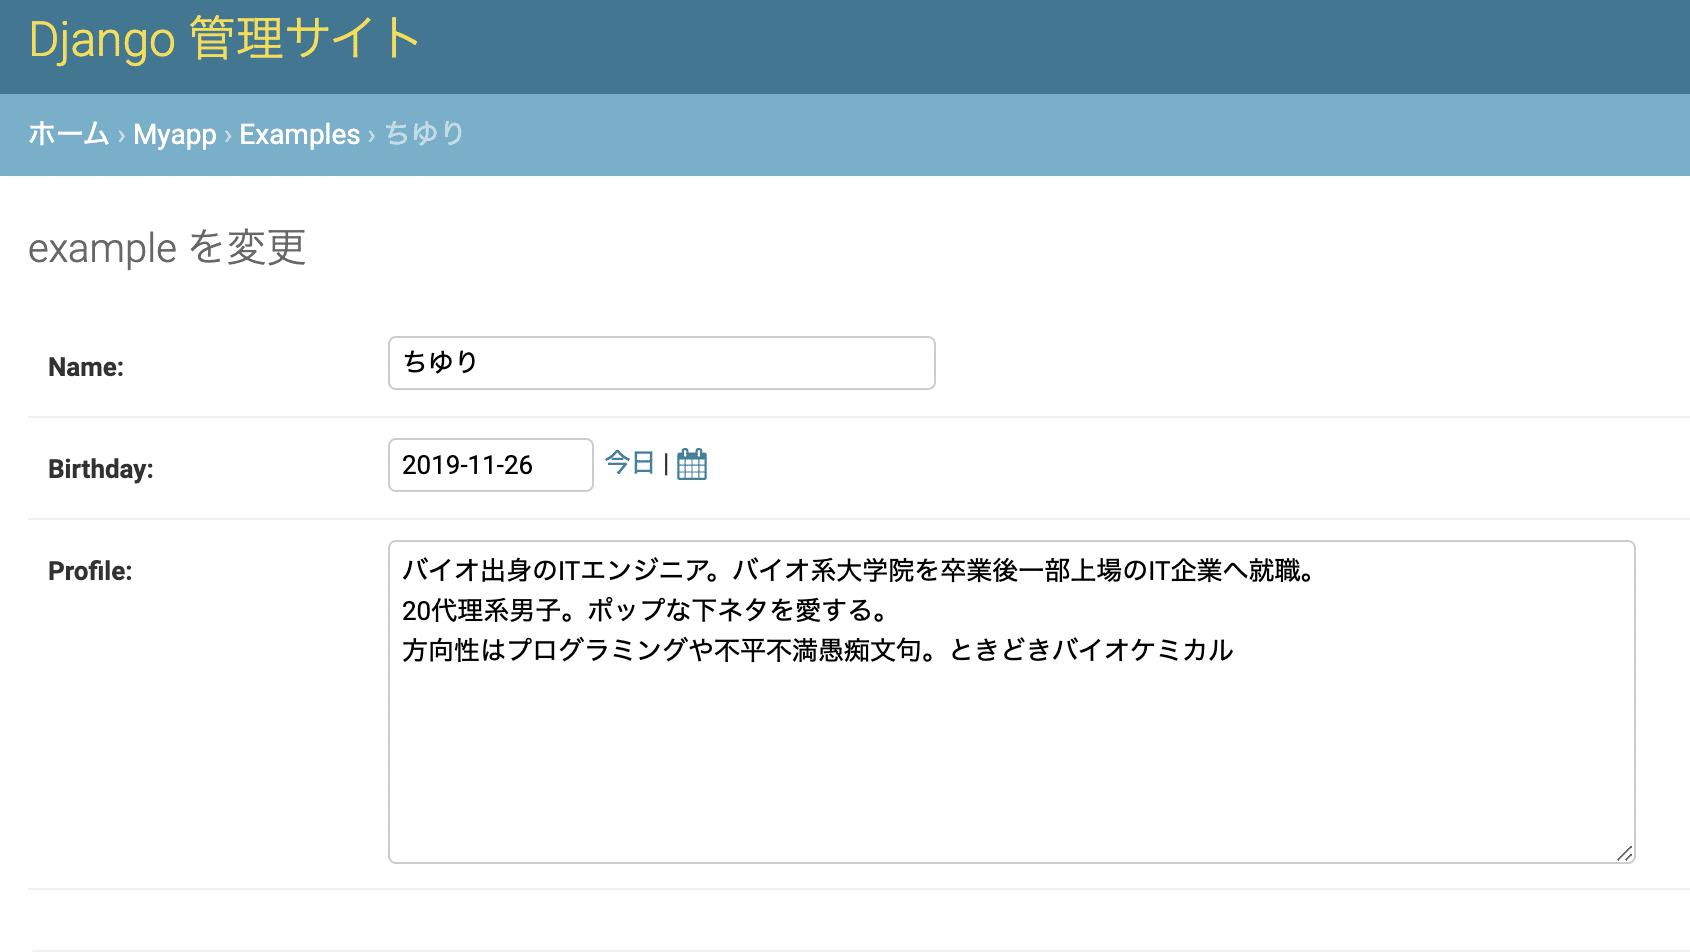 スクリーンショット-2019-11-26-23.01.19